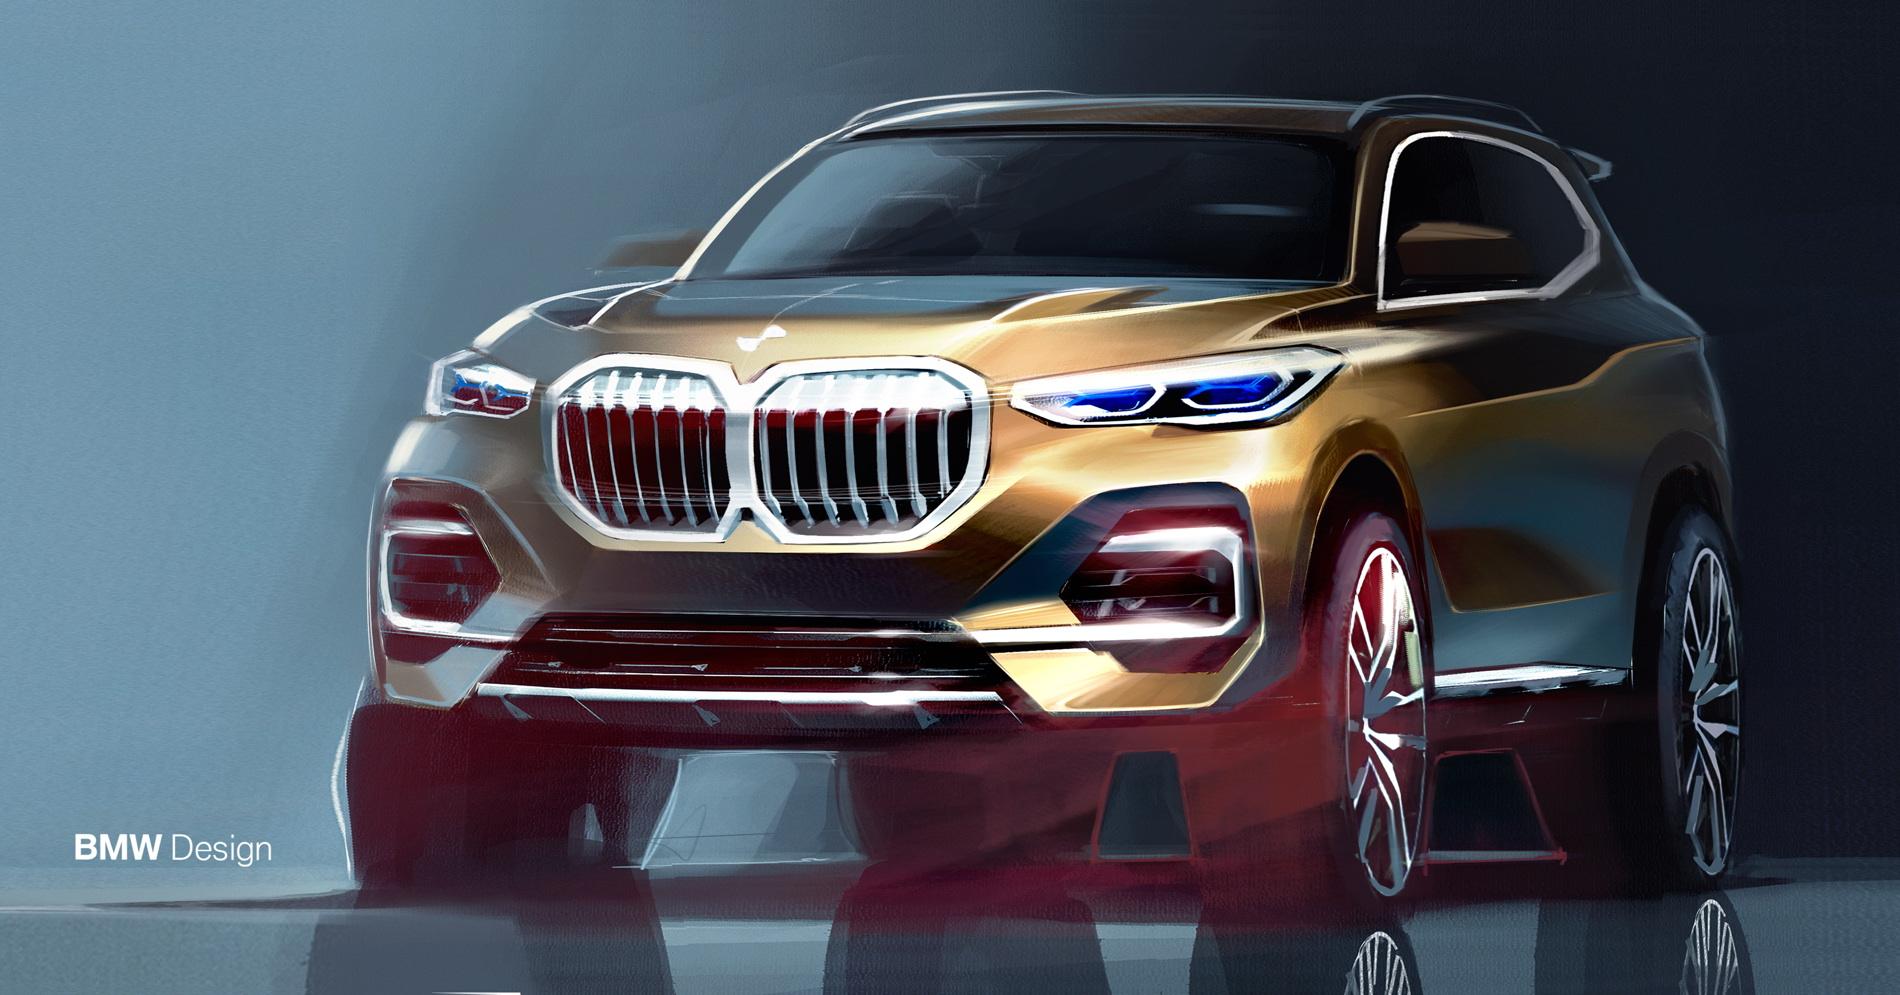 2018 BMW G05 X5 sketches 05